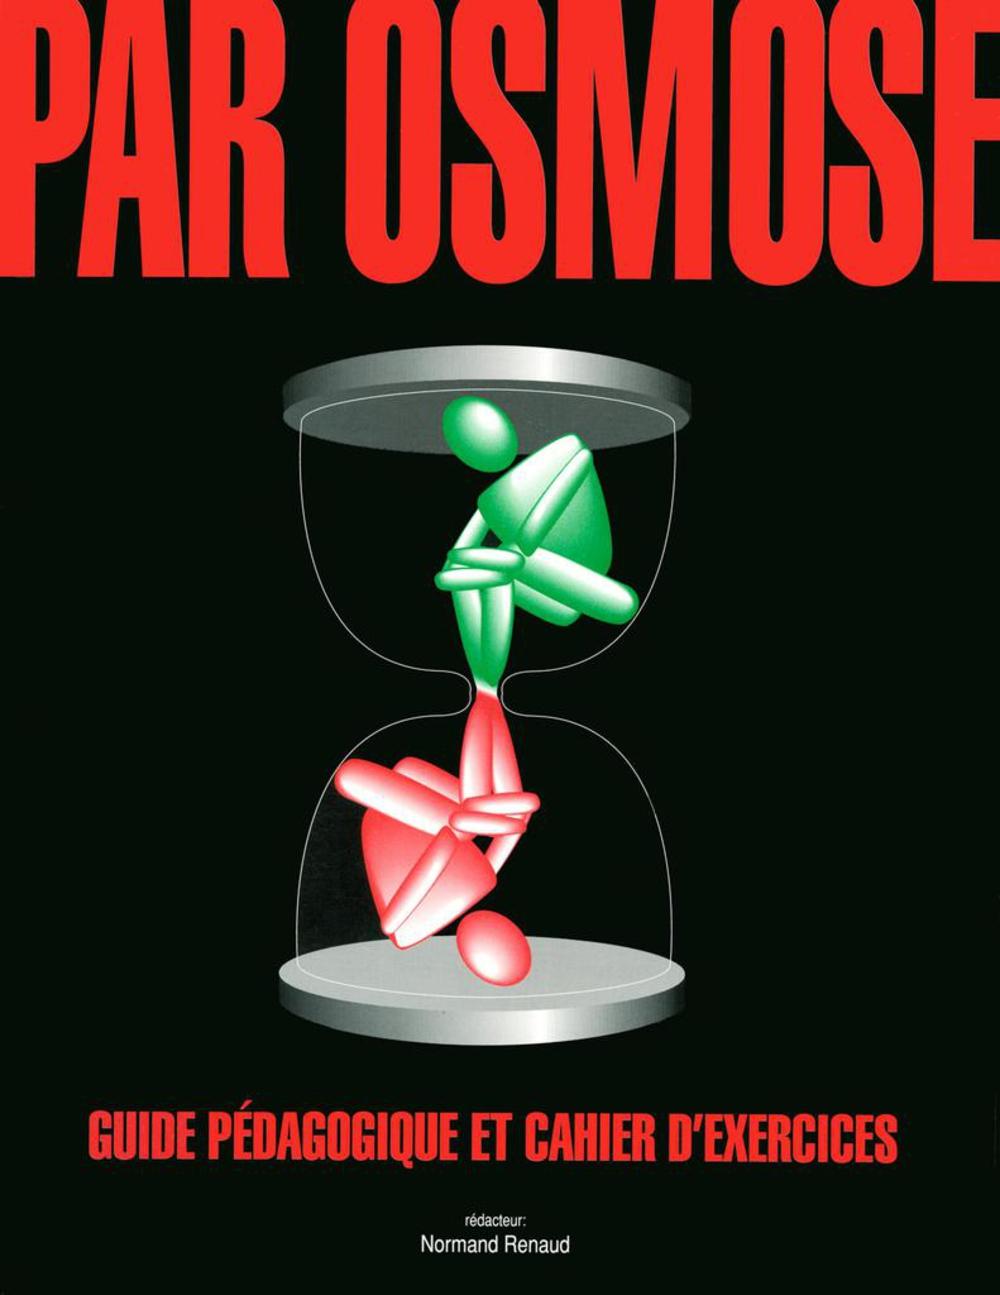 Par osmose - Guide pédagogique et cahier d'exercices